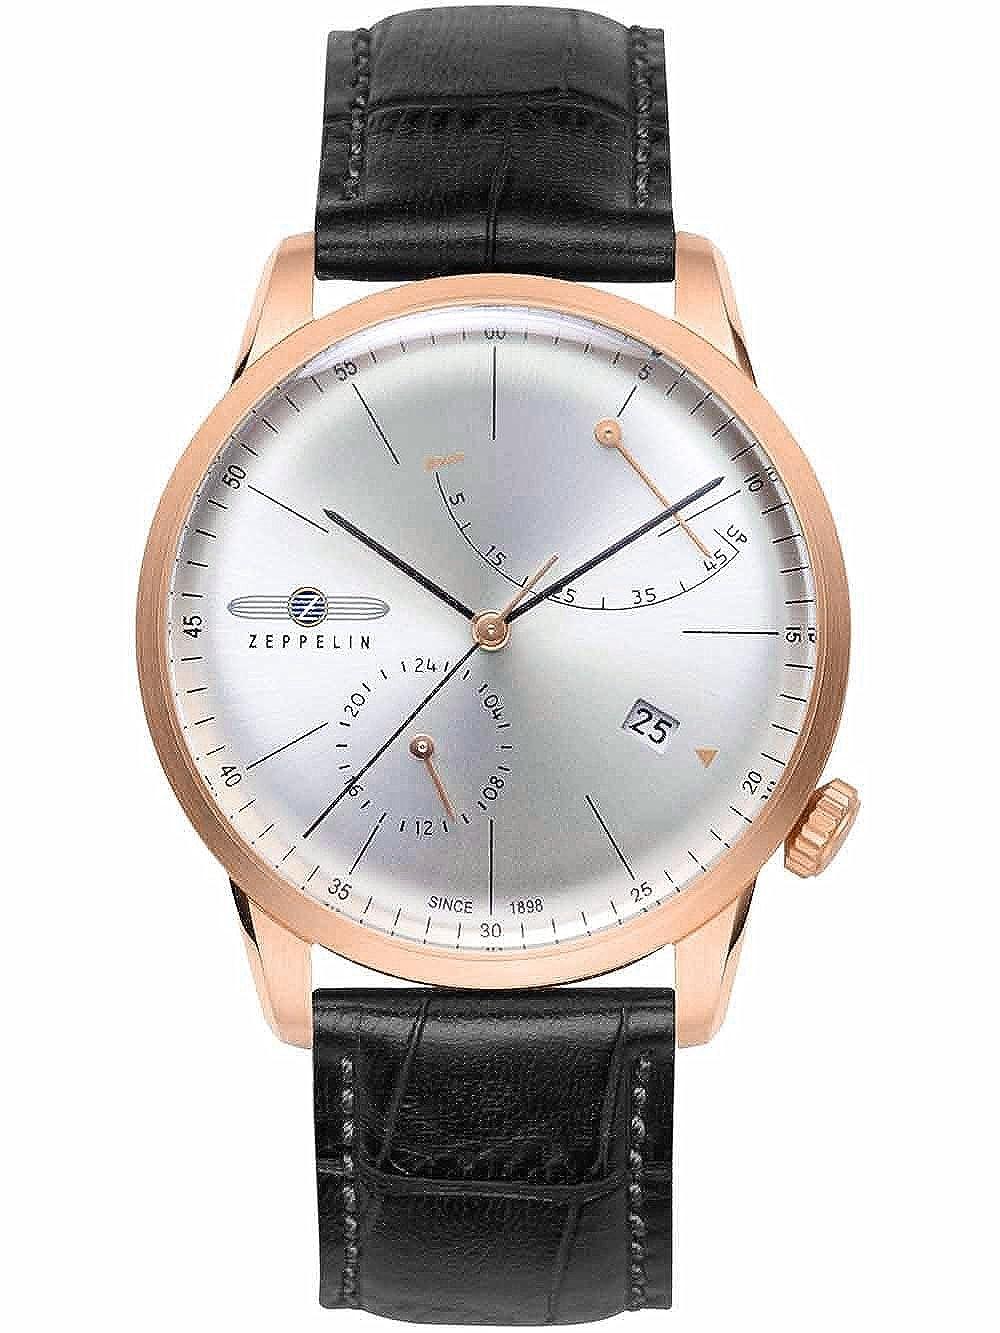 [ツェッペリン] ZEPPELIN  ブランド腕時計  ドイツ製 flatline フラットラインシリーズ 自動巻 パワーリザーブ 7368-4 【並行輸入品】 B00U72DT54